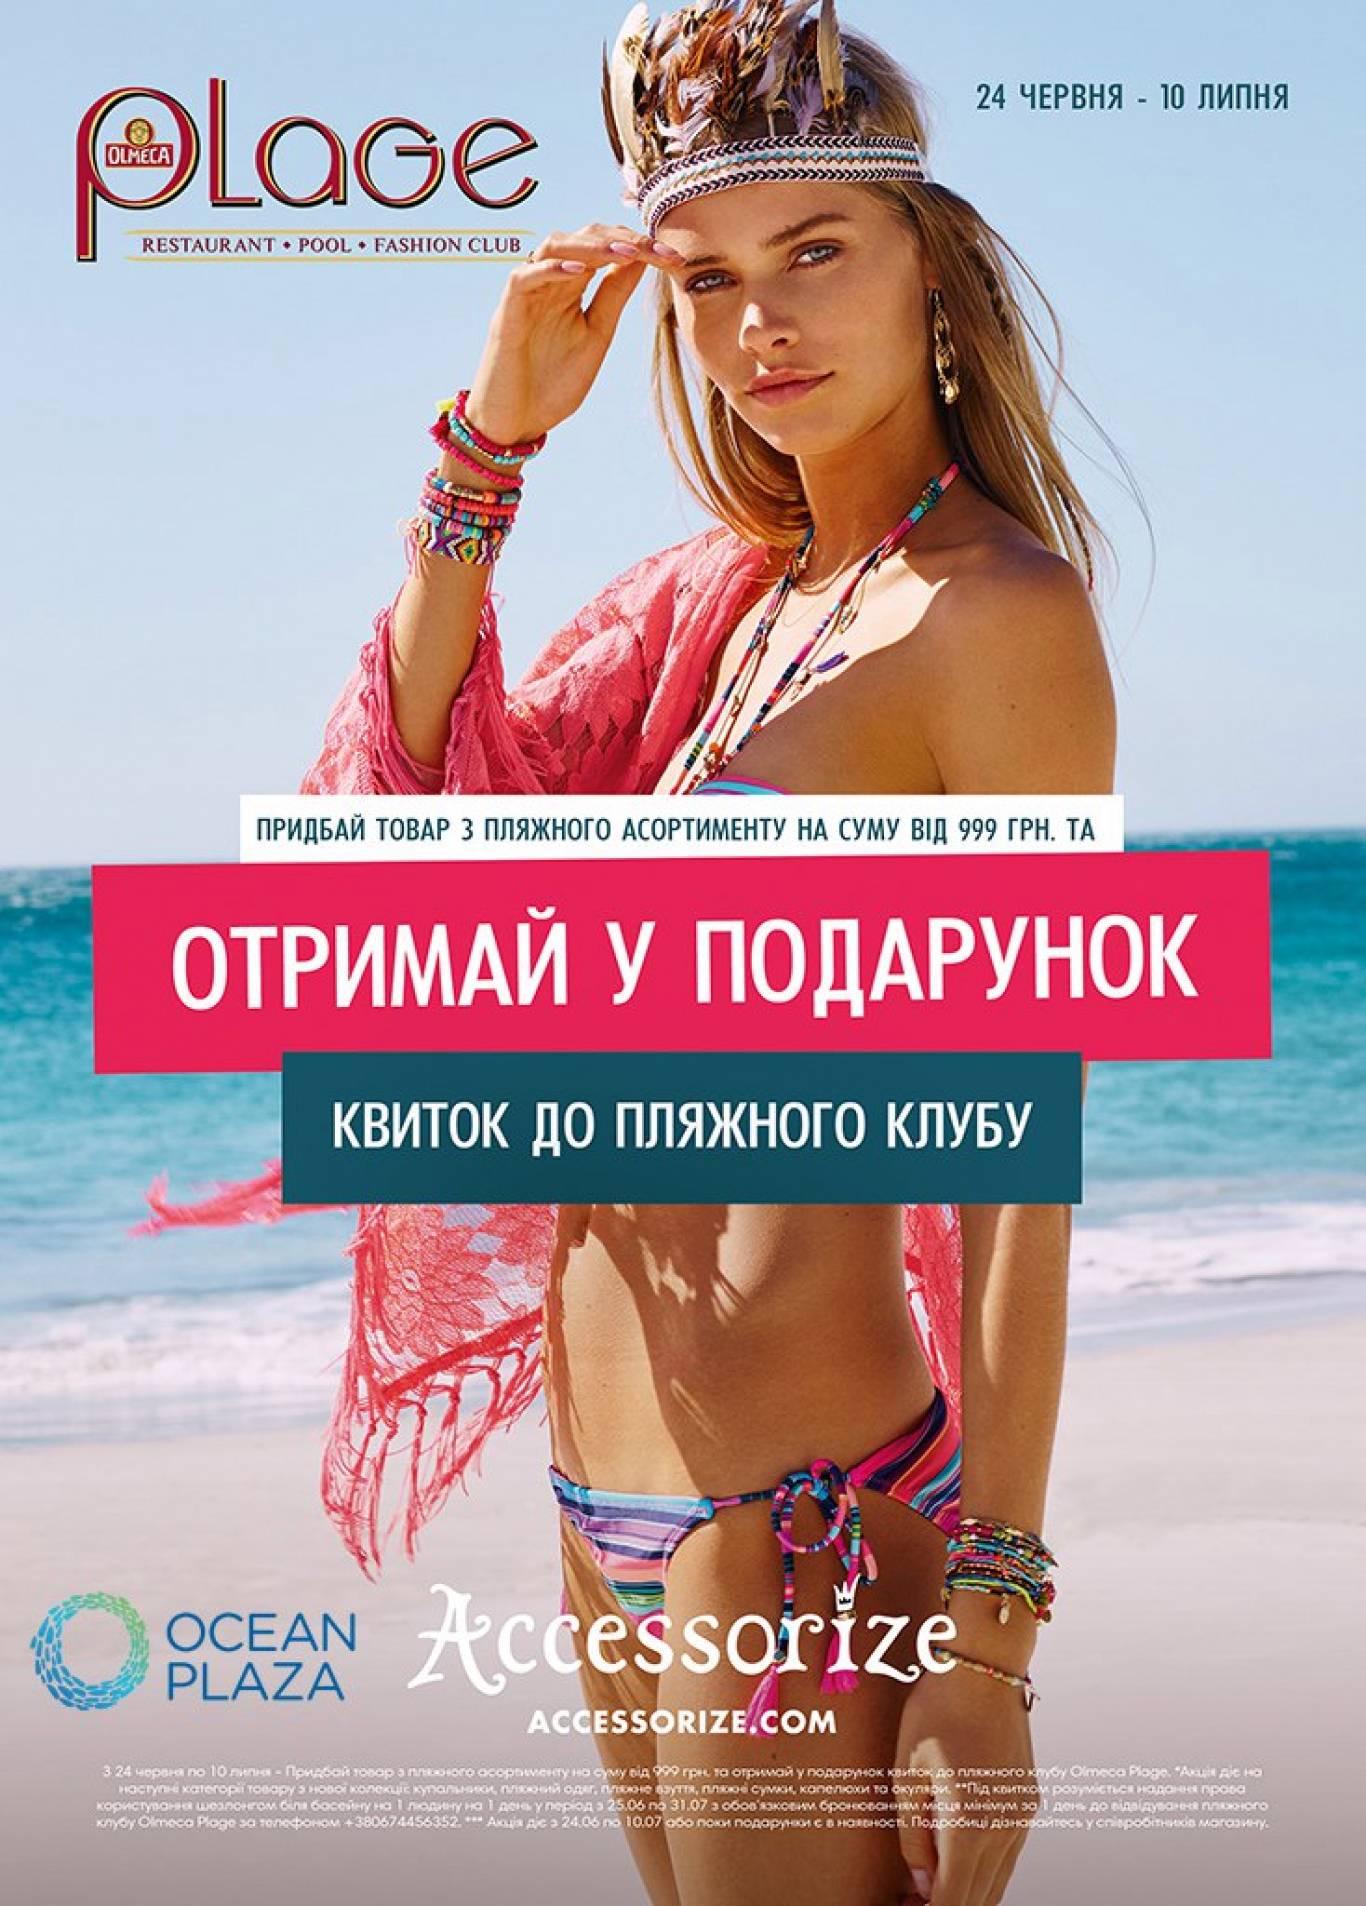 """Шопінгуй в ТРЦ """"Океан Плаза"""" - отримуй квиток до пляжного клубу"""